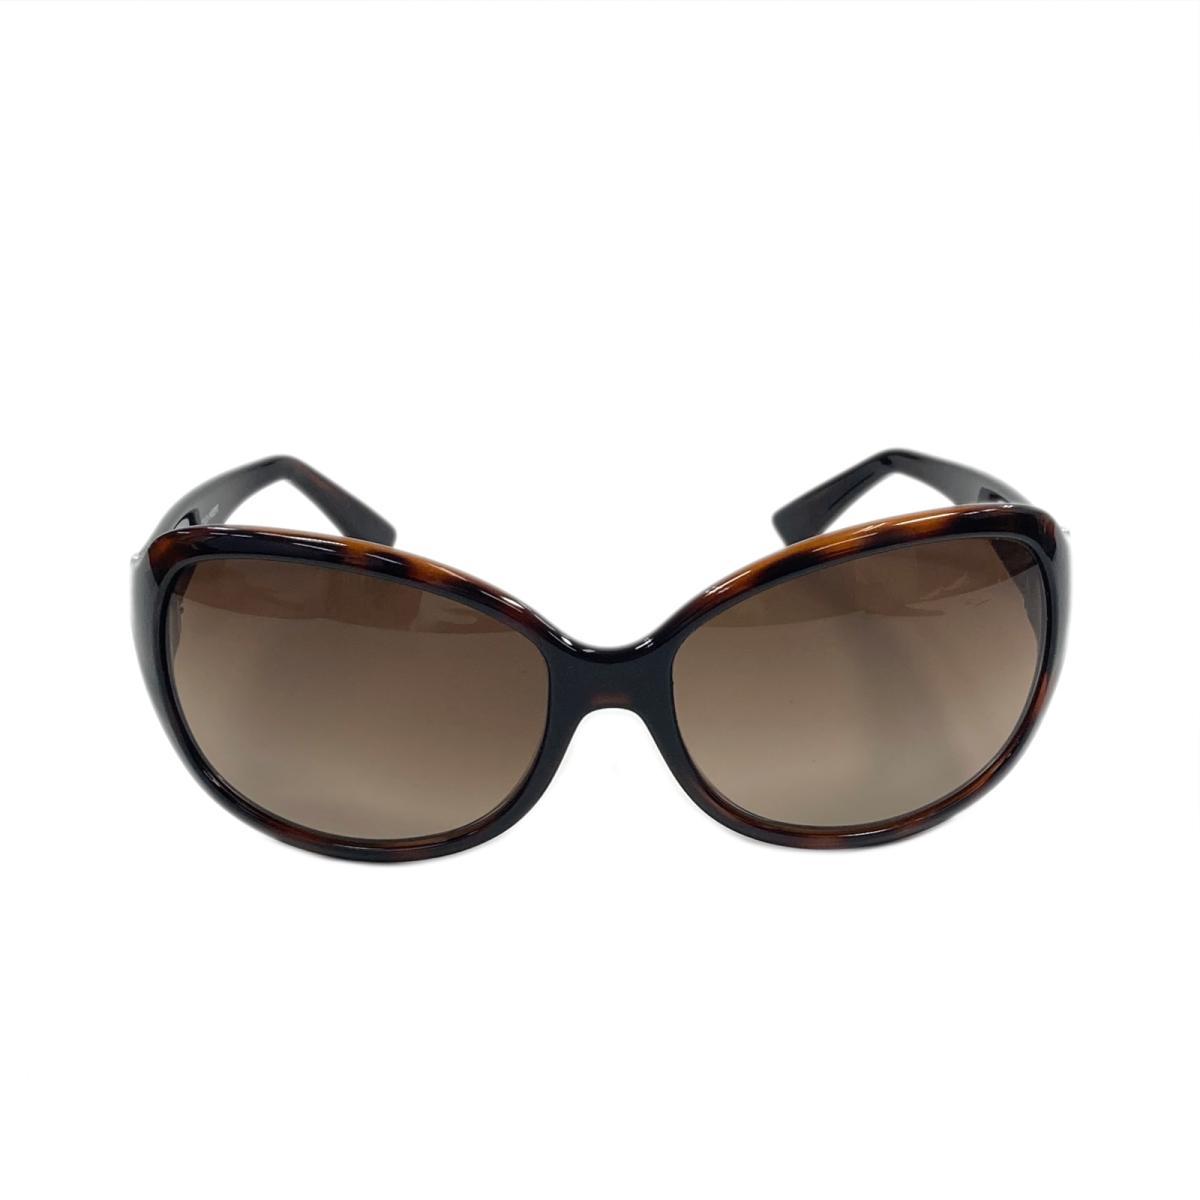 眼鏡・サングラス, サングラス 1025!31OFF (FS5060J)